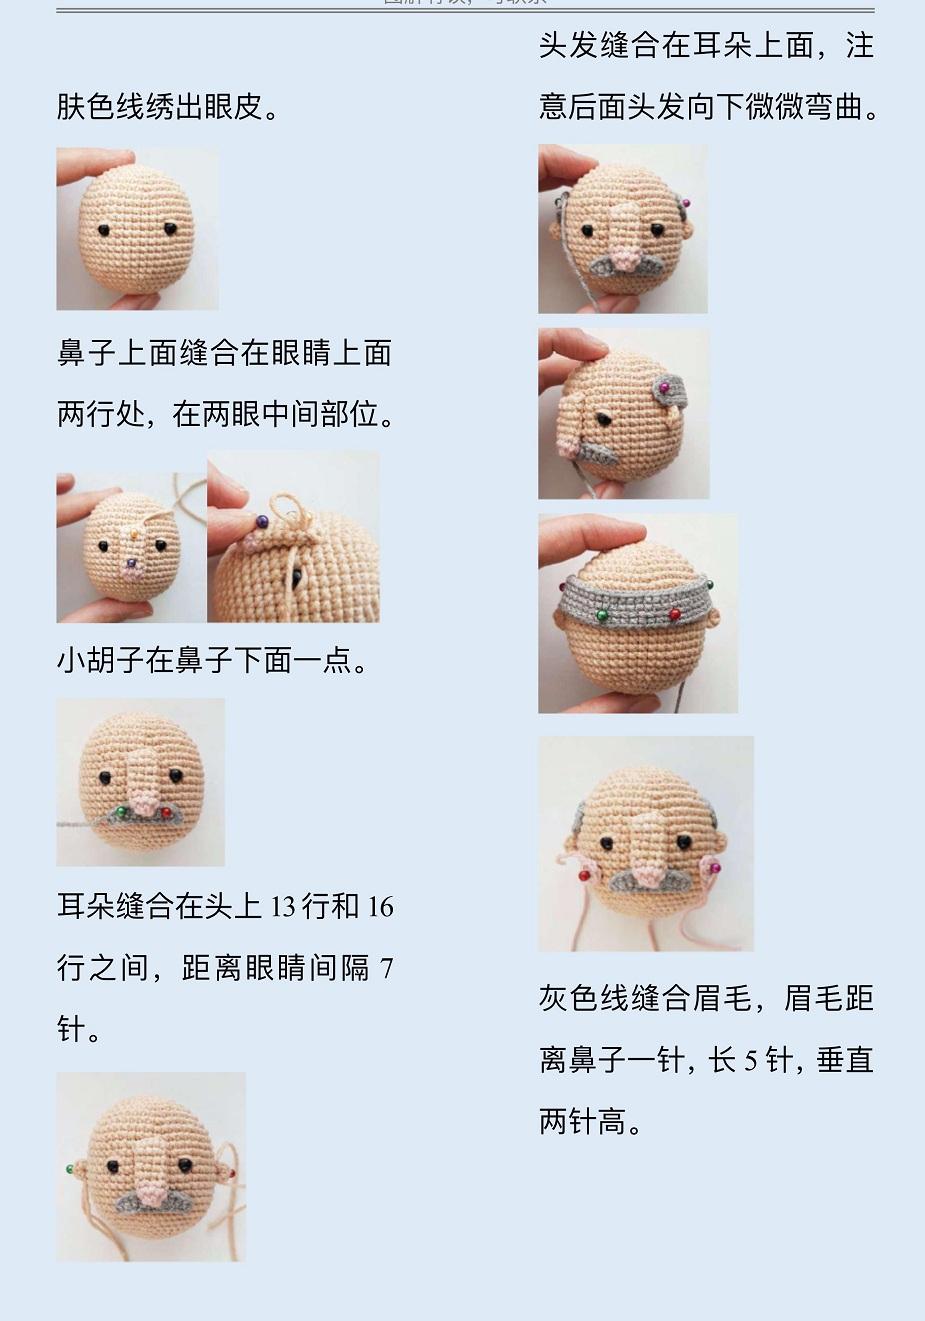 Описание вязания крючком кукольной пожилой семейной пары (3)